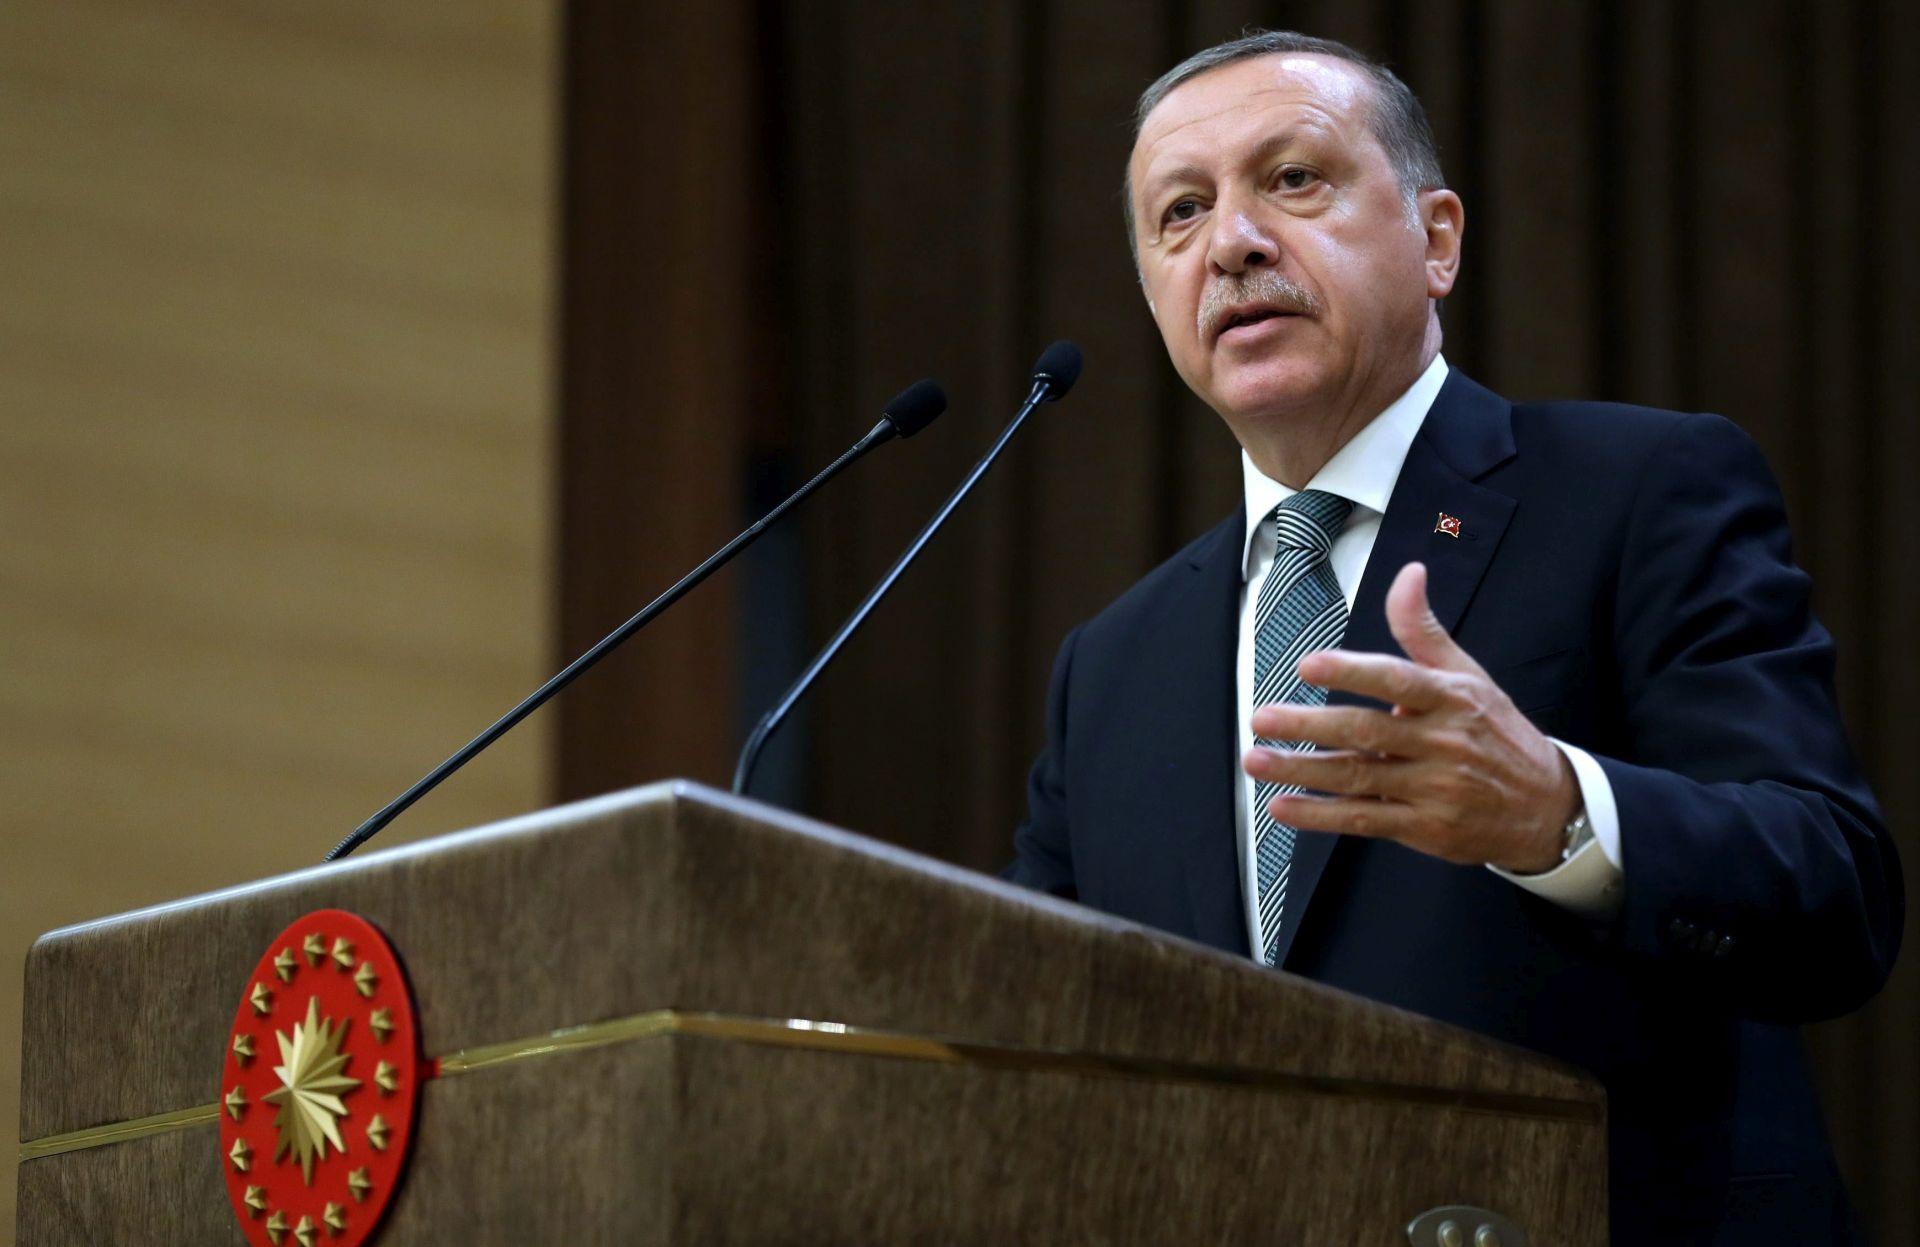 ARMENSKA REZOLUCIJA: Zaštita za turske zastupnike nakon Erdoganova napada